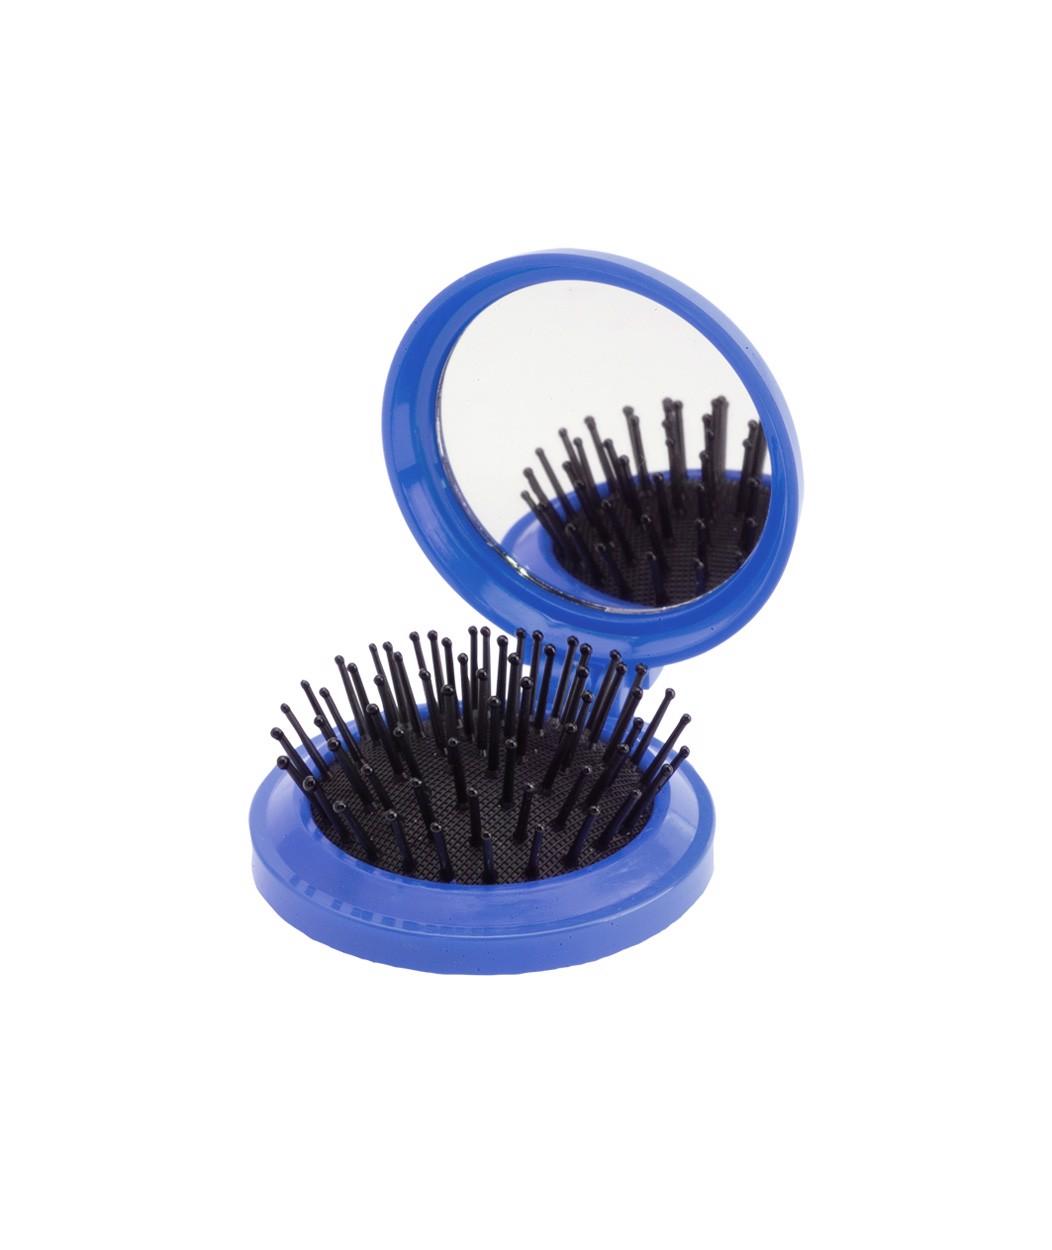 Perie De Păr Cu Oglindă Glance - Albastru